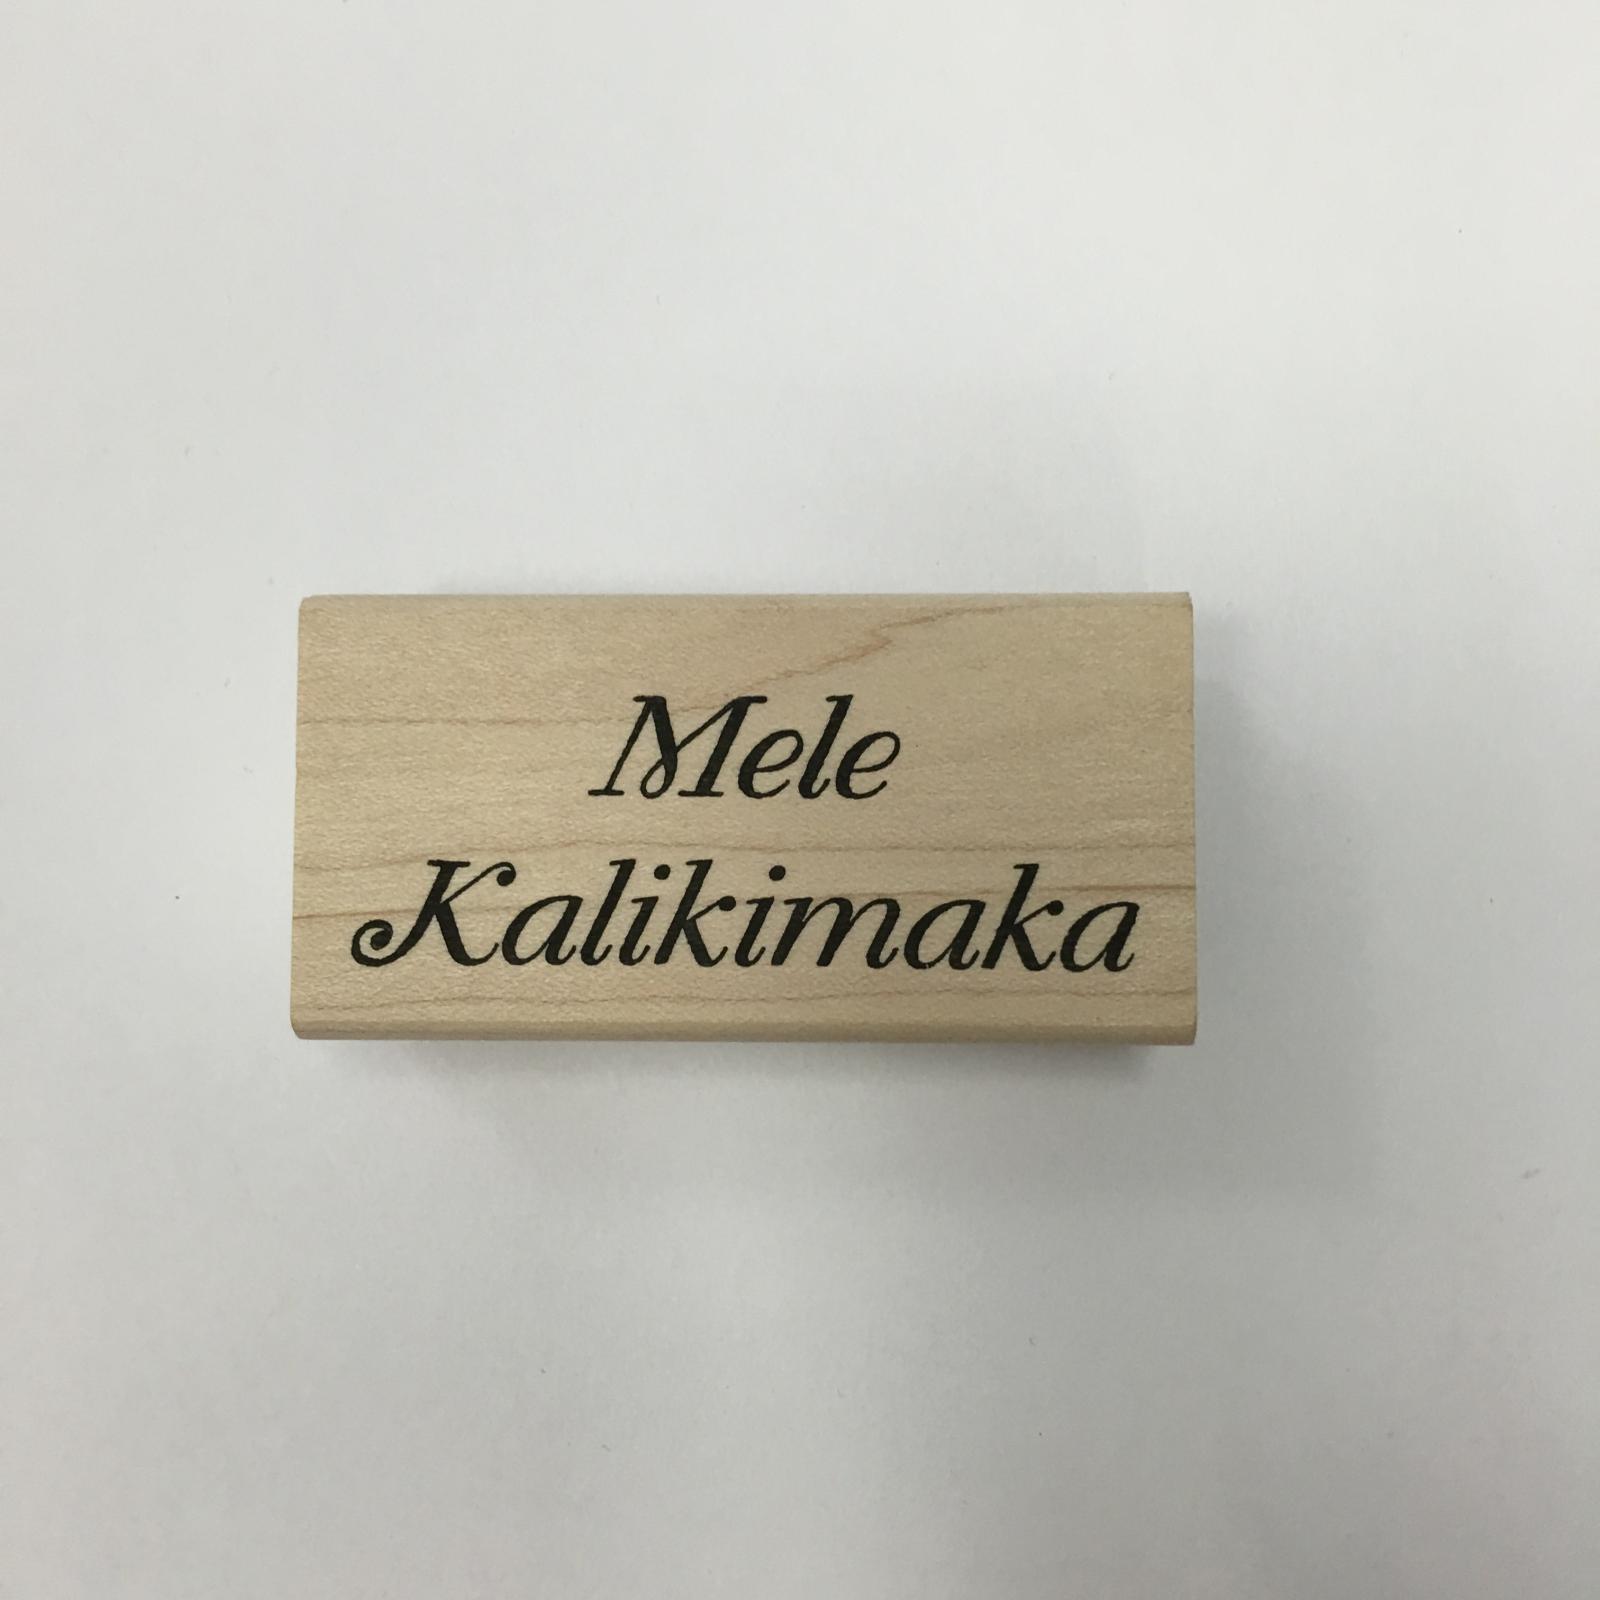 RSP Stamp Mele Kalikimaka